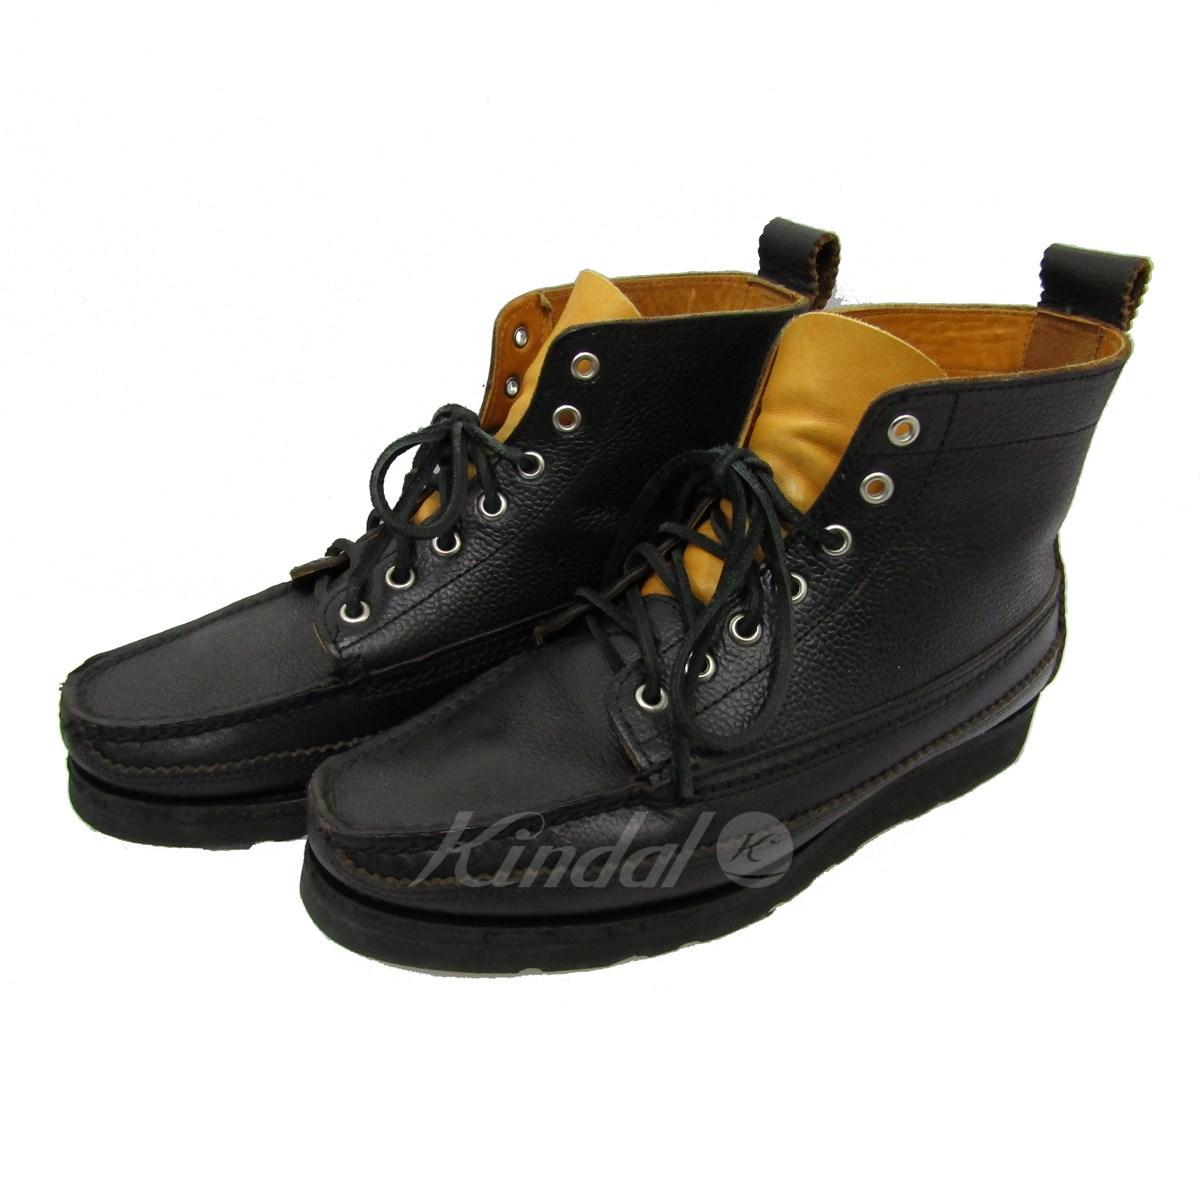 【中古】YUKETEN 07205P DREES HUNTER BOOTS ハンターブーツ ブラック サイズ:8E 【送料無料】 【010419】(ユケテン)